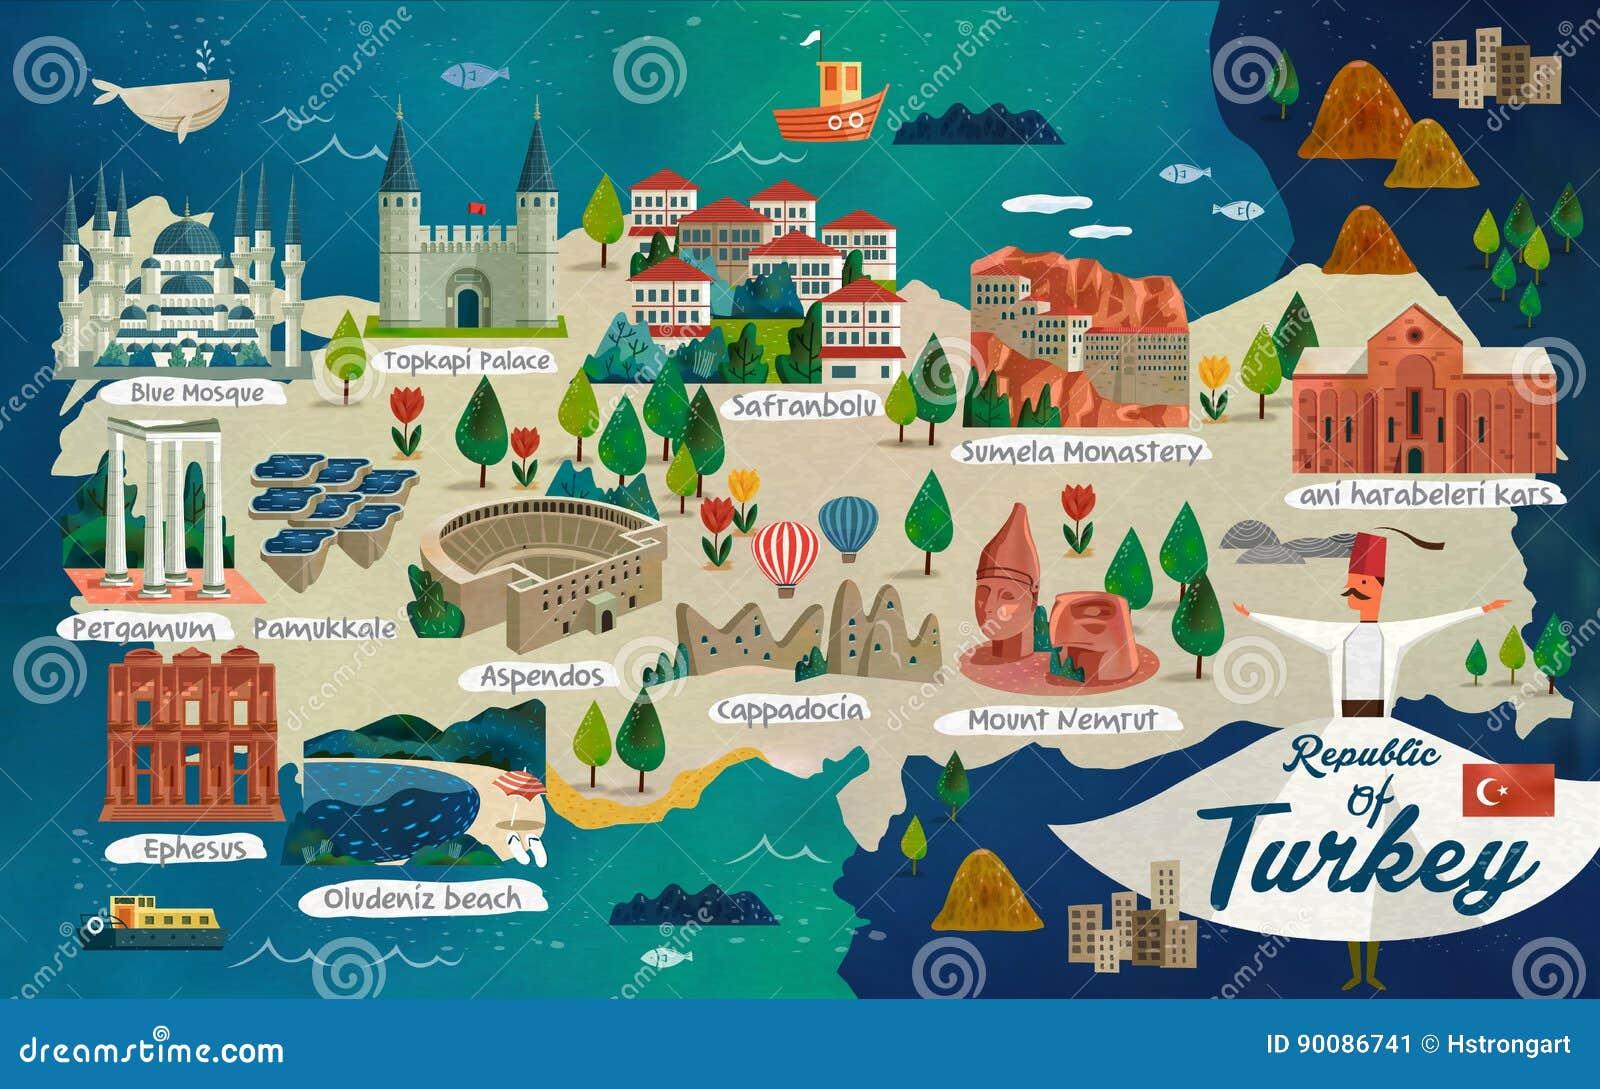 土耳其旅行地图